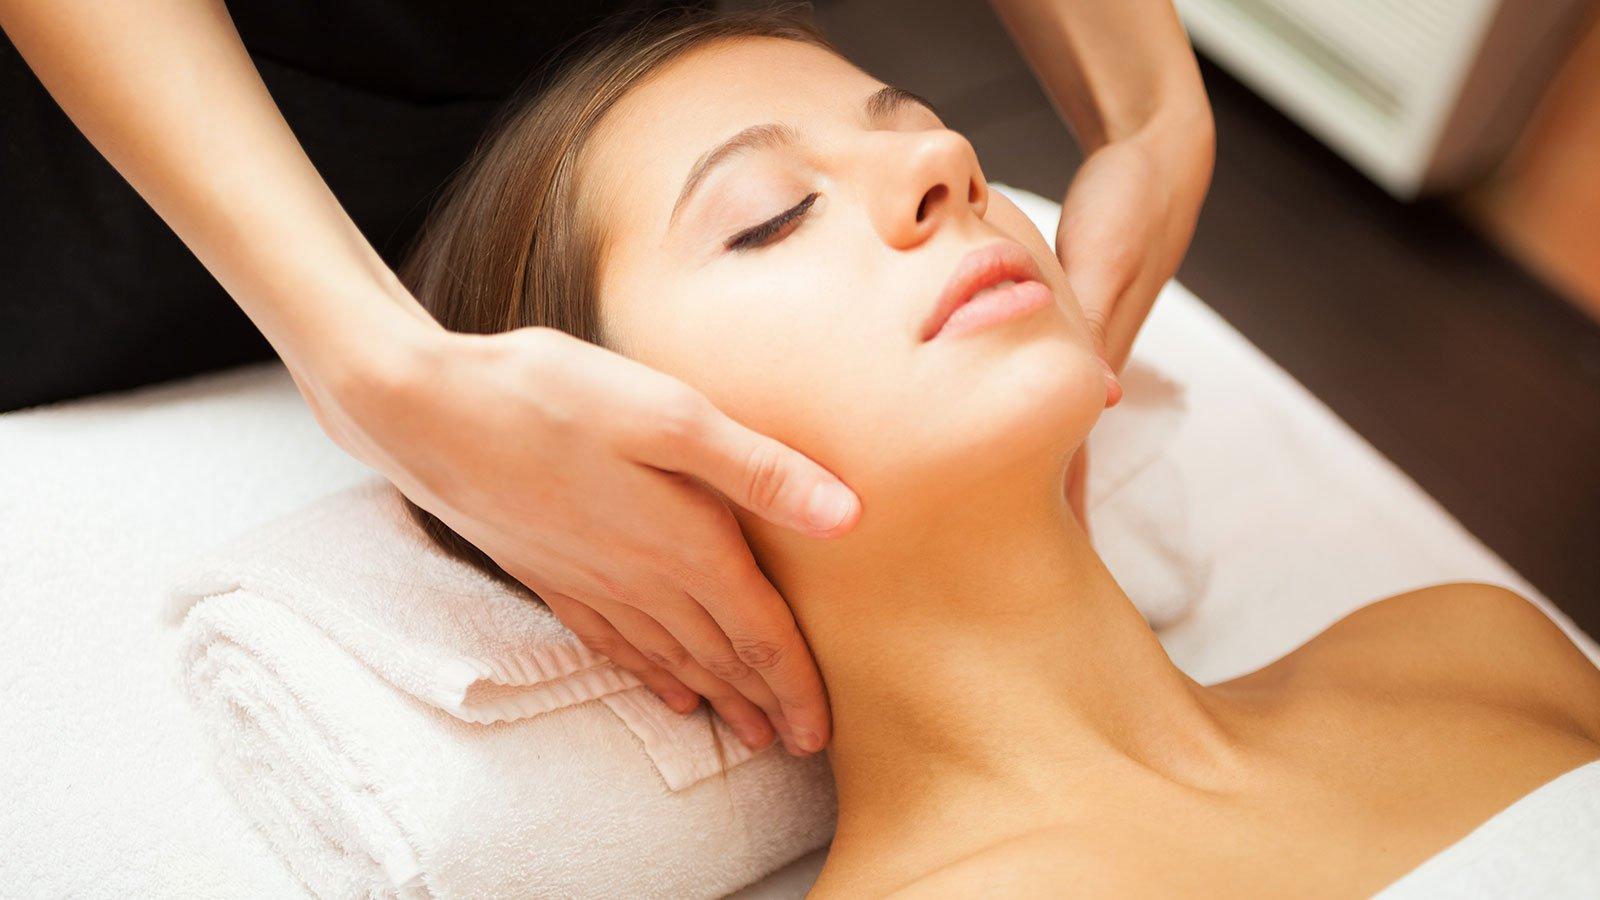 Due mani di una donna mentre fanno un massaggio al collo di una donna sdraiata su un lettino